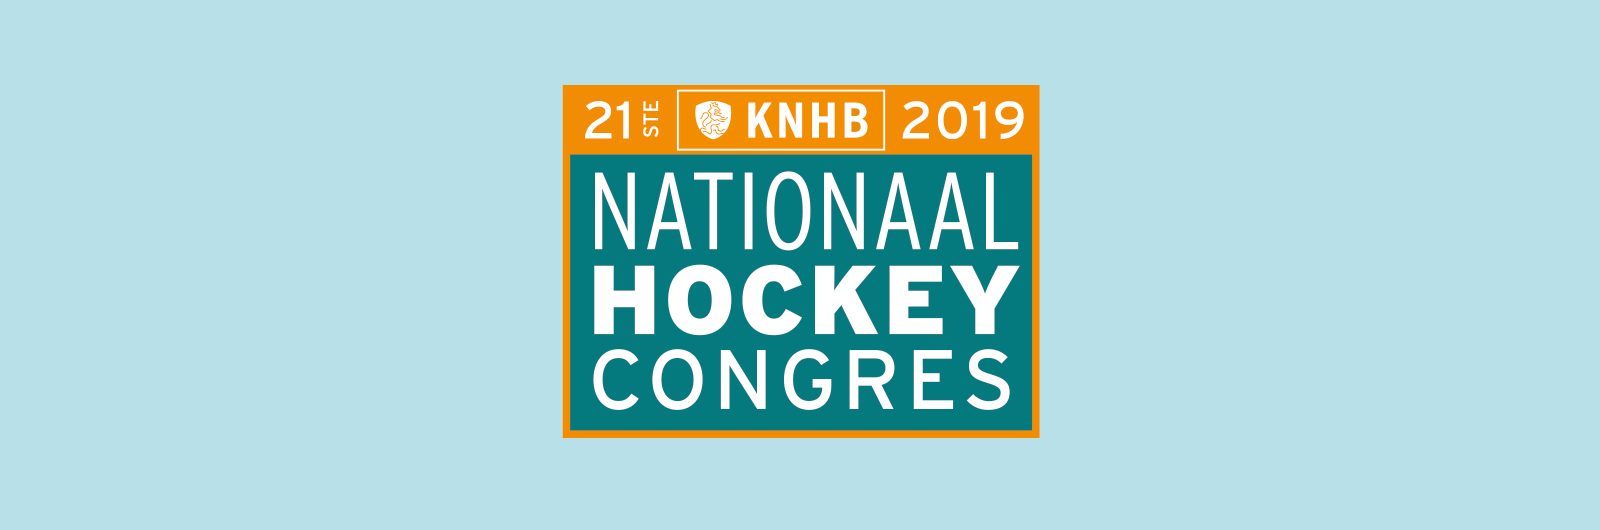 Meld je aan voor het Nationaal Hockeycongres 2019